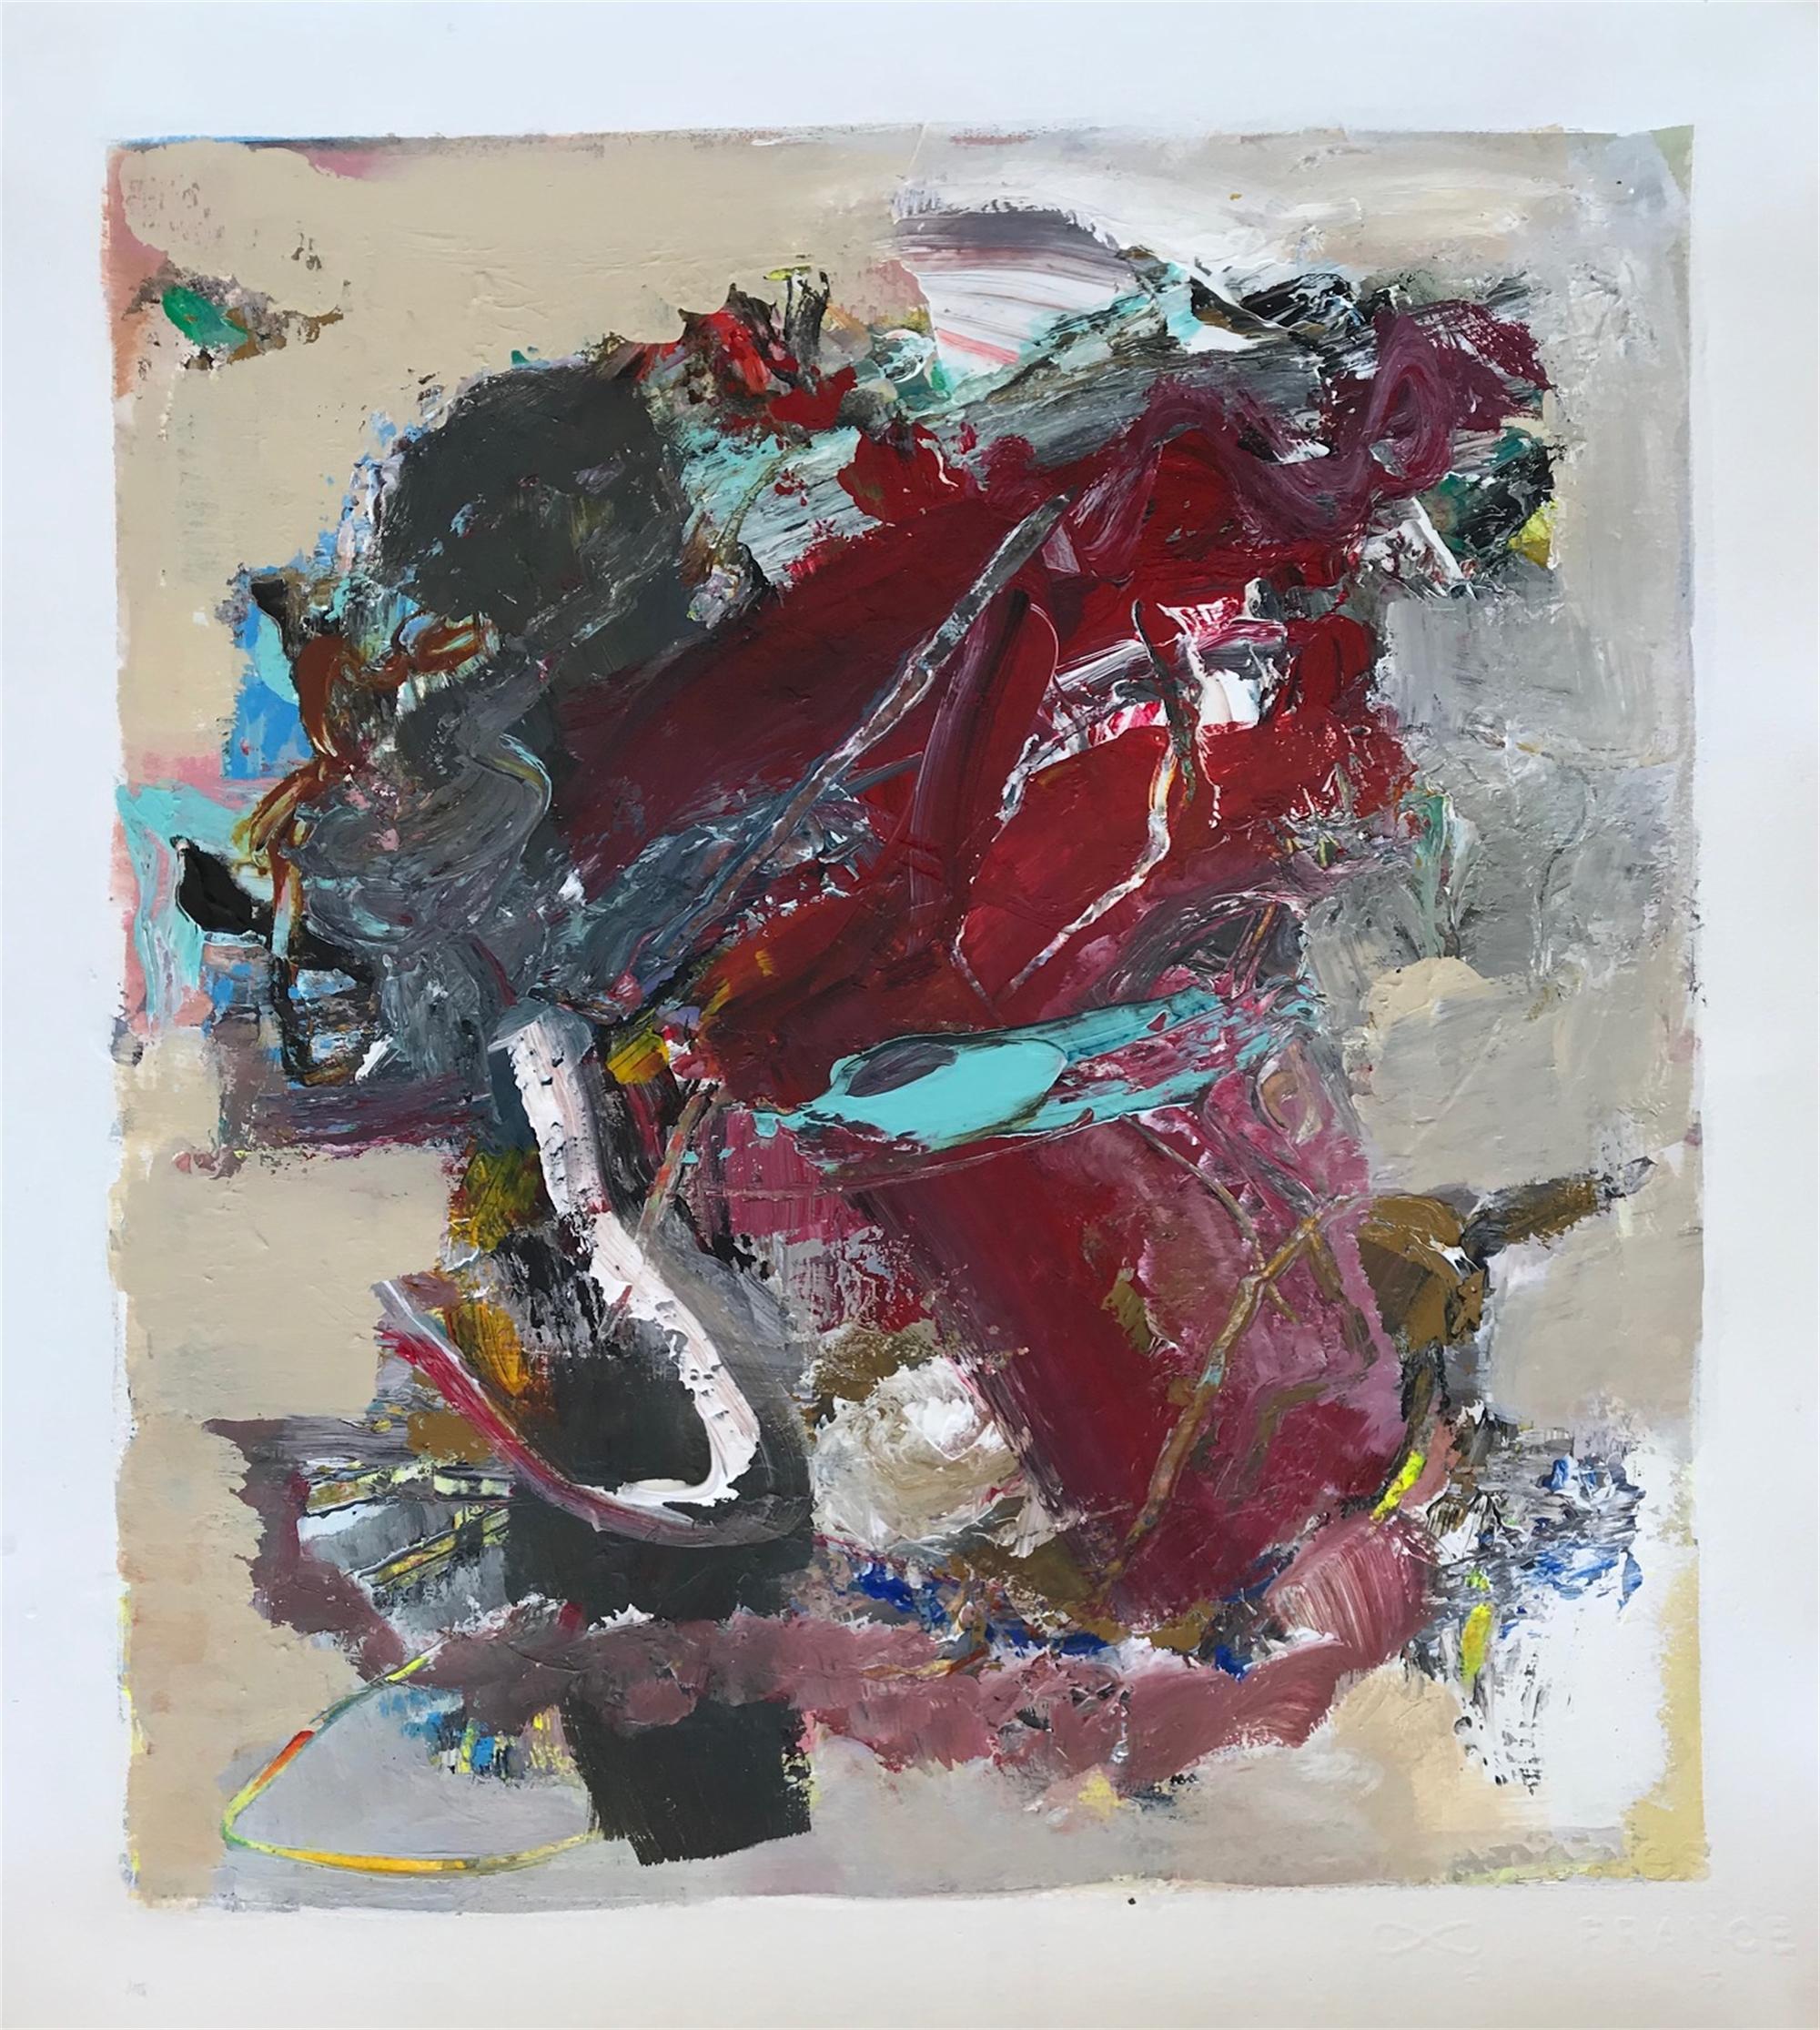 LNP 3 by Leslie Newman